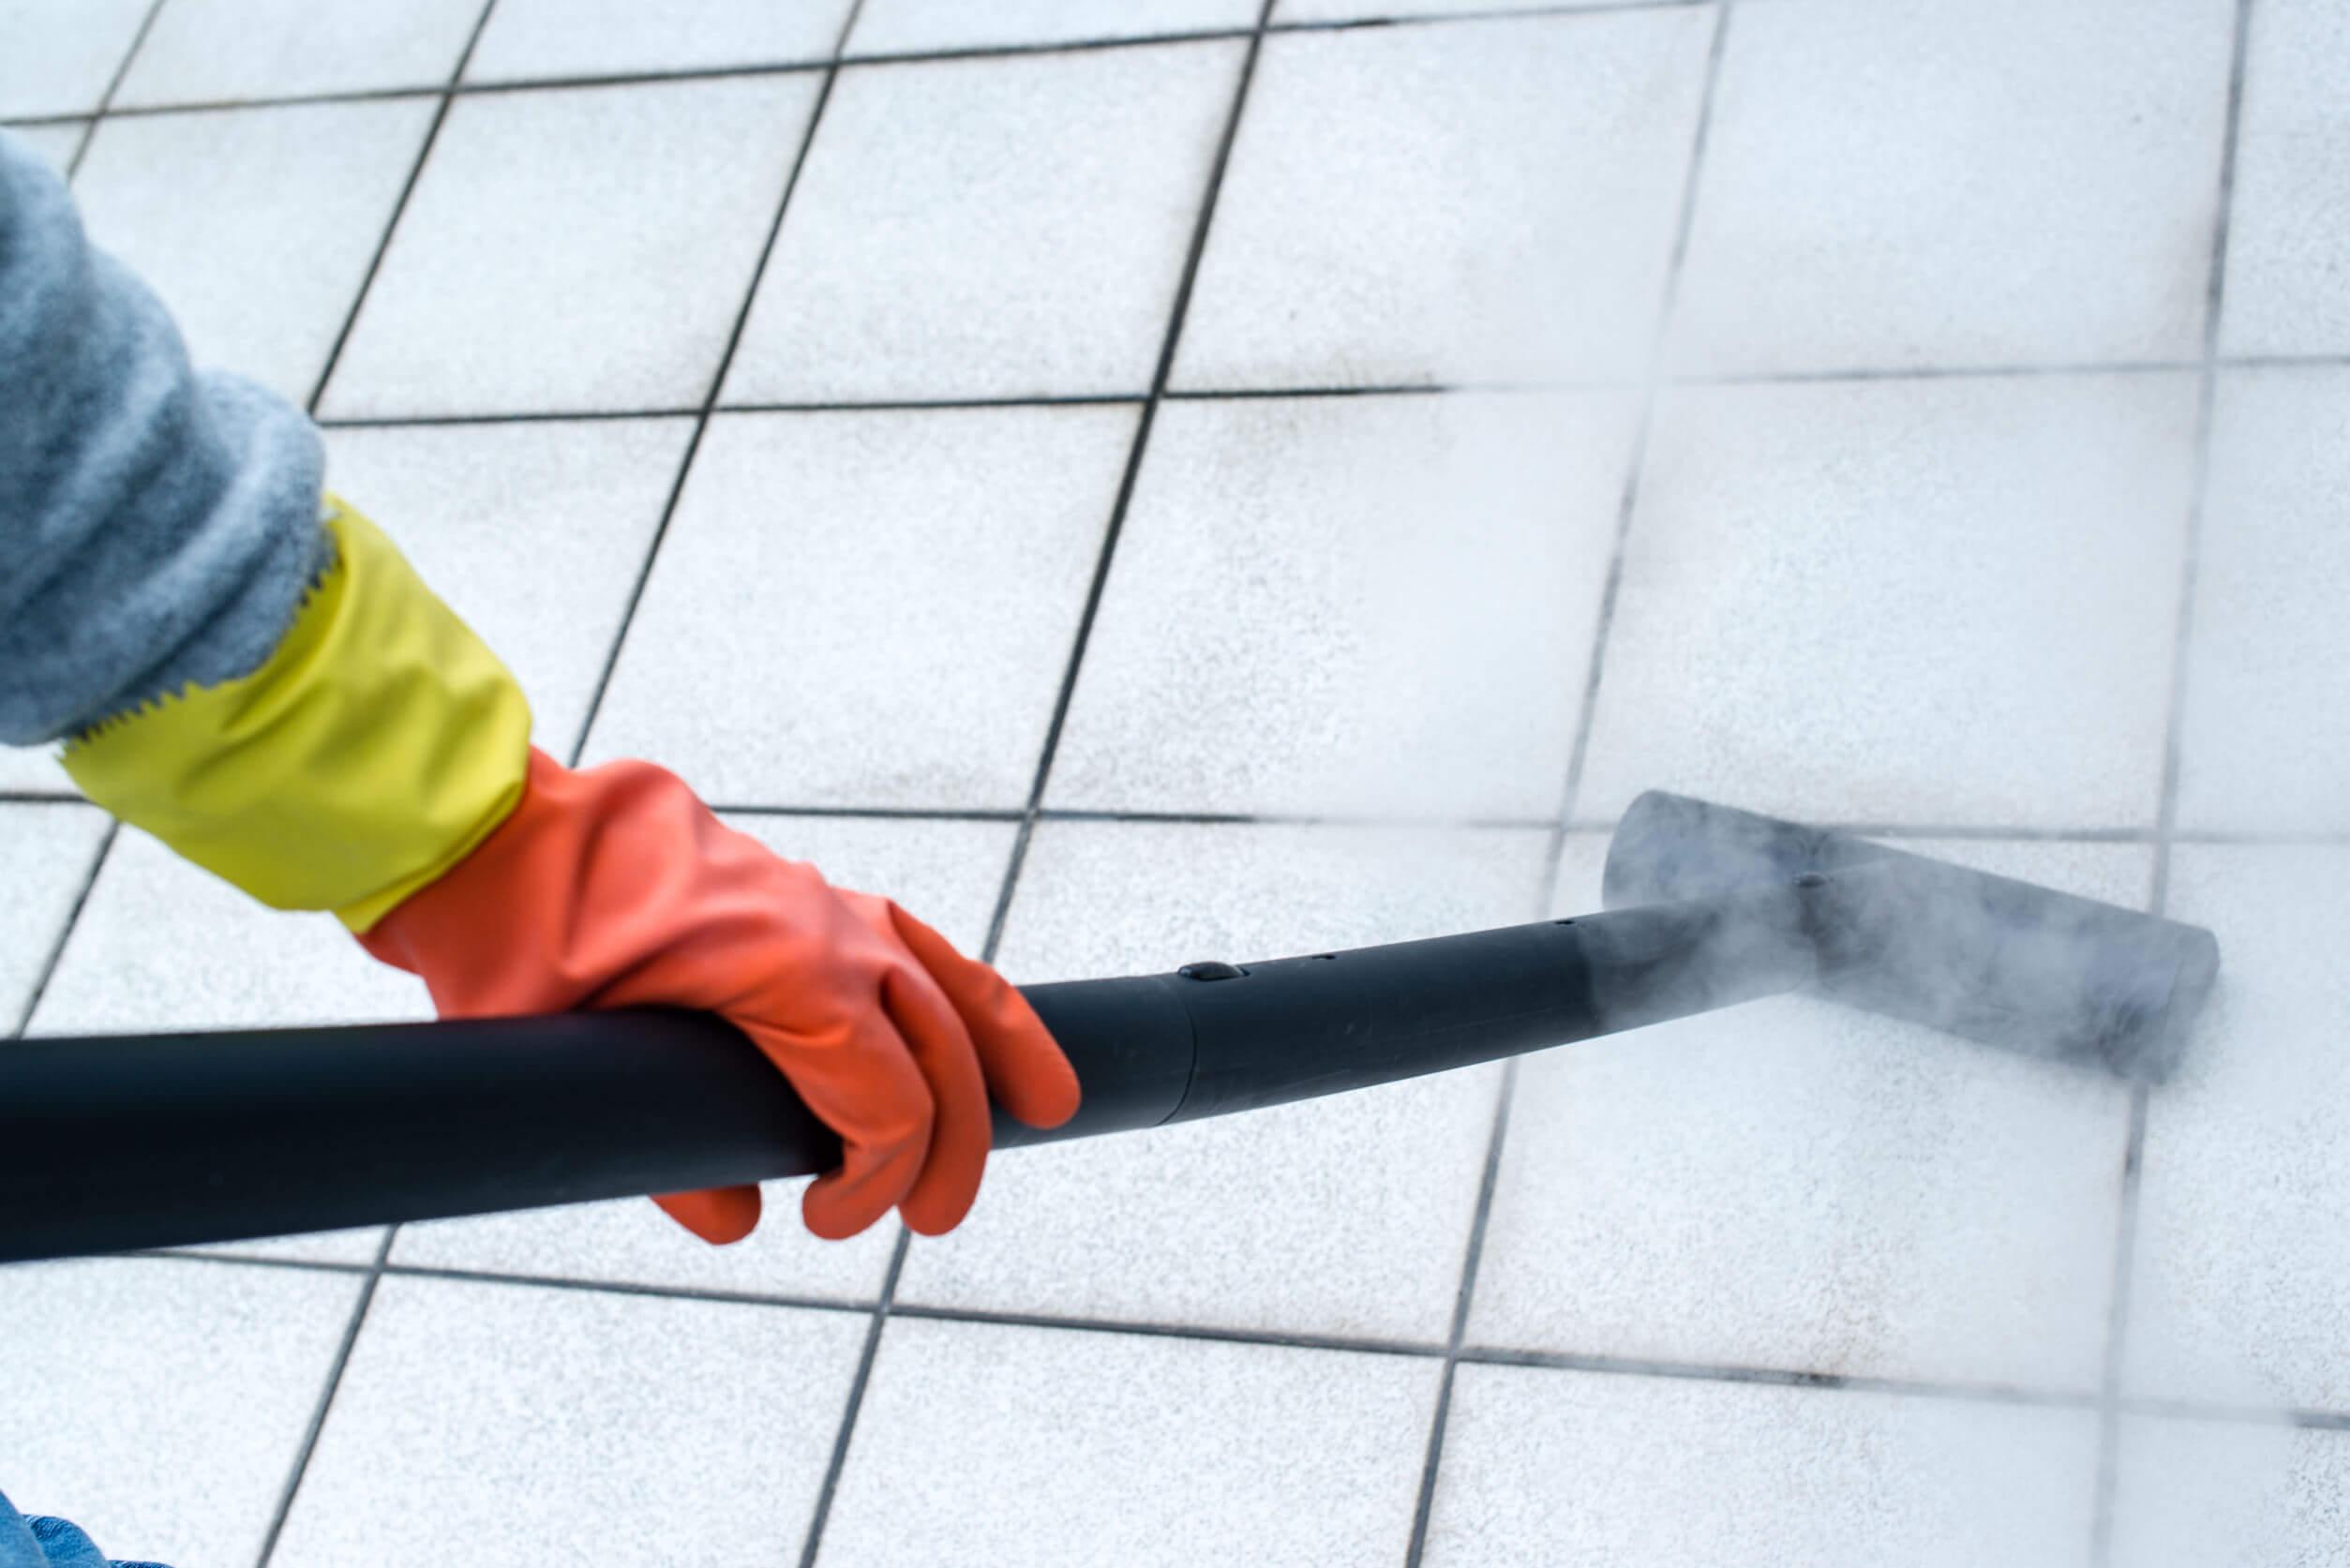 Full Size of Dampfreiniger Fenster Dampfente Test 2020 Besten Im Vergleich Mit Sprossen Jemako Veka Holz Alu Einbruchsicherung Velux Kaufen Aluminium Einbruchsichere Fenster Dampfreiniger Fenster